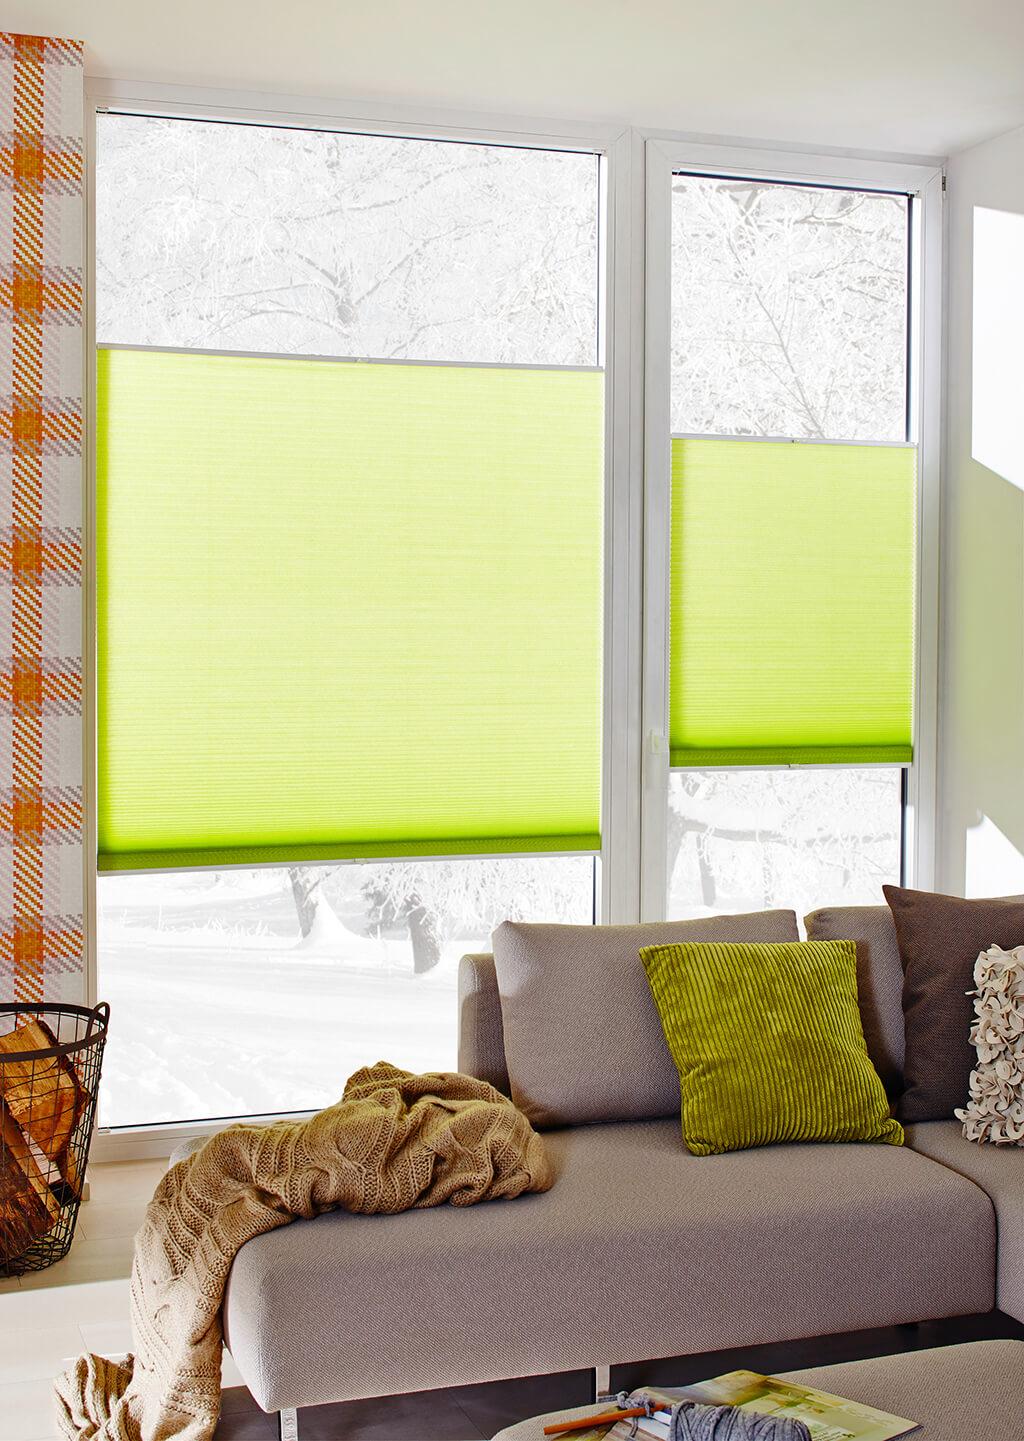 Grüne Wabenplissees an deckenhohen Fenstern im Wohnzimmer mit verschneiter Landschaft im Hintergrund